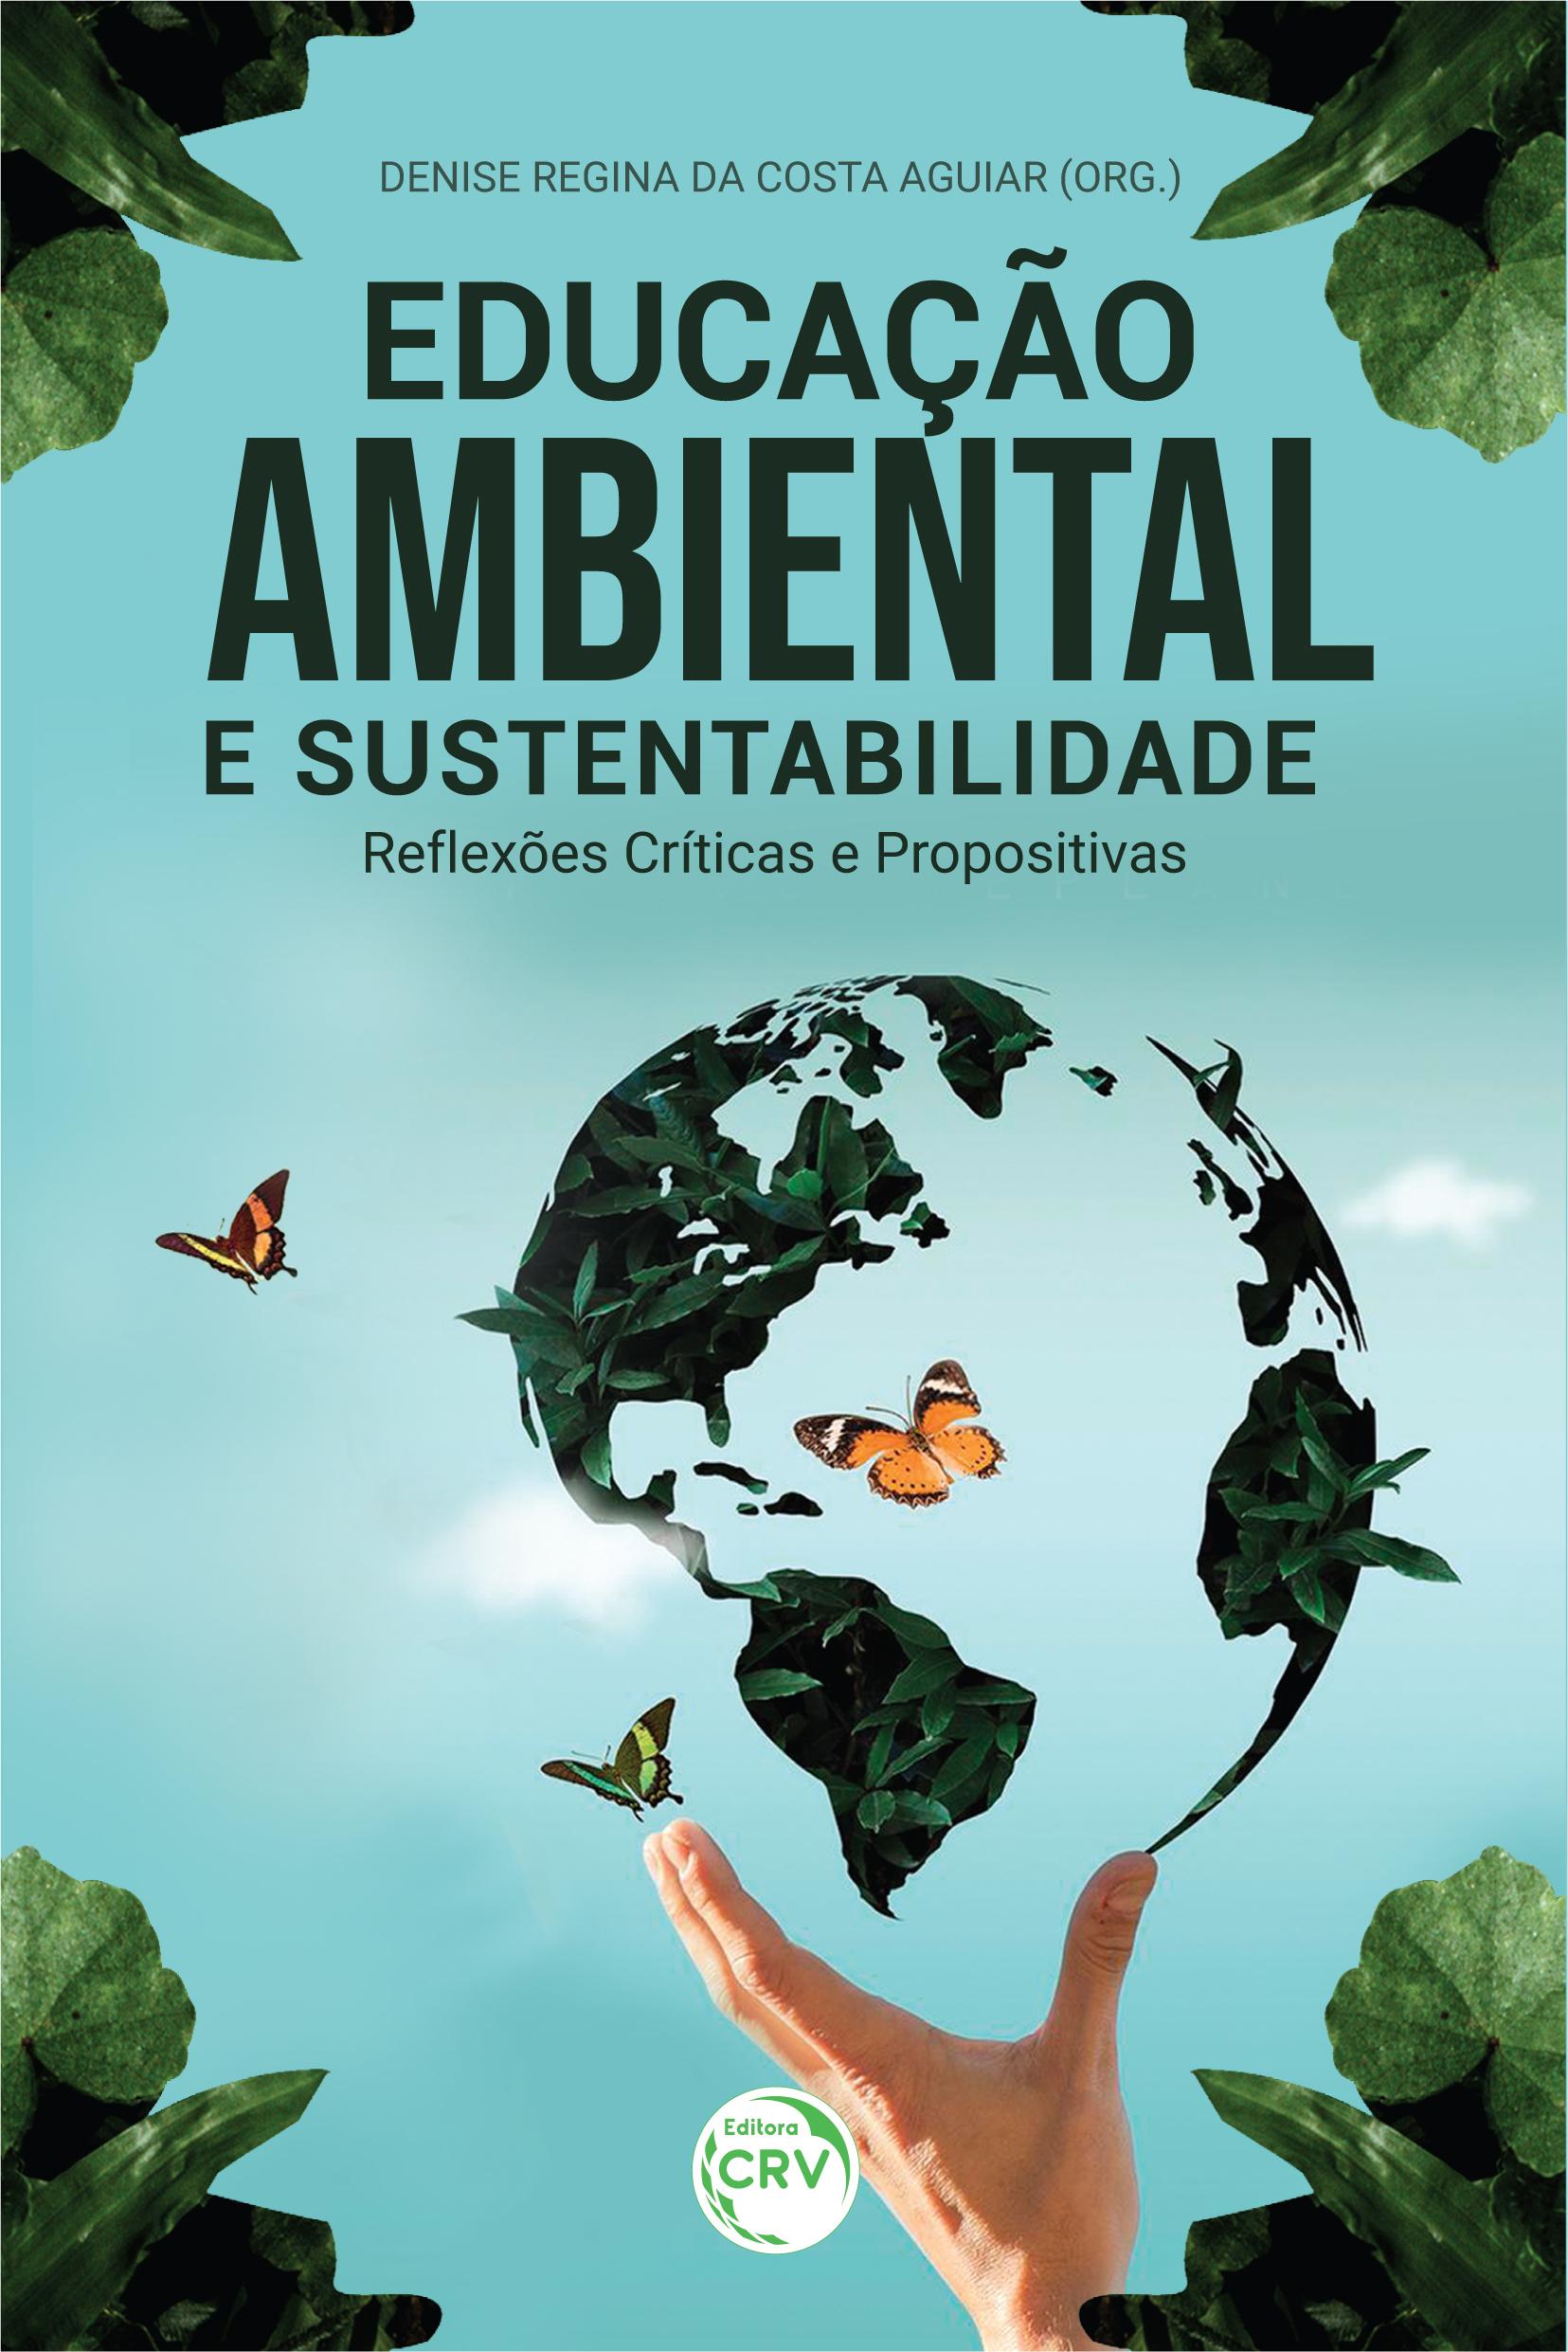 Capa do livro: EDUCAÇÃO AMBIENTAL E SUSTENTABILIDADE:<br> reflexões críticas e propositivas